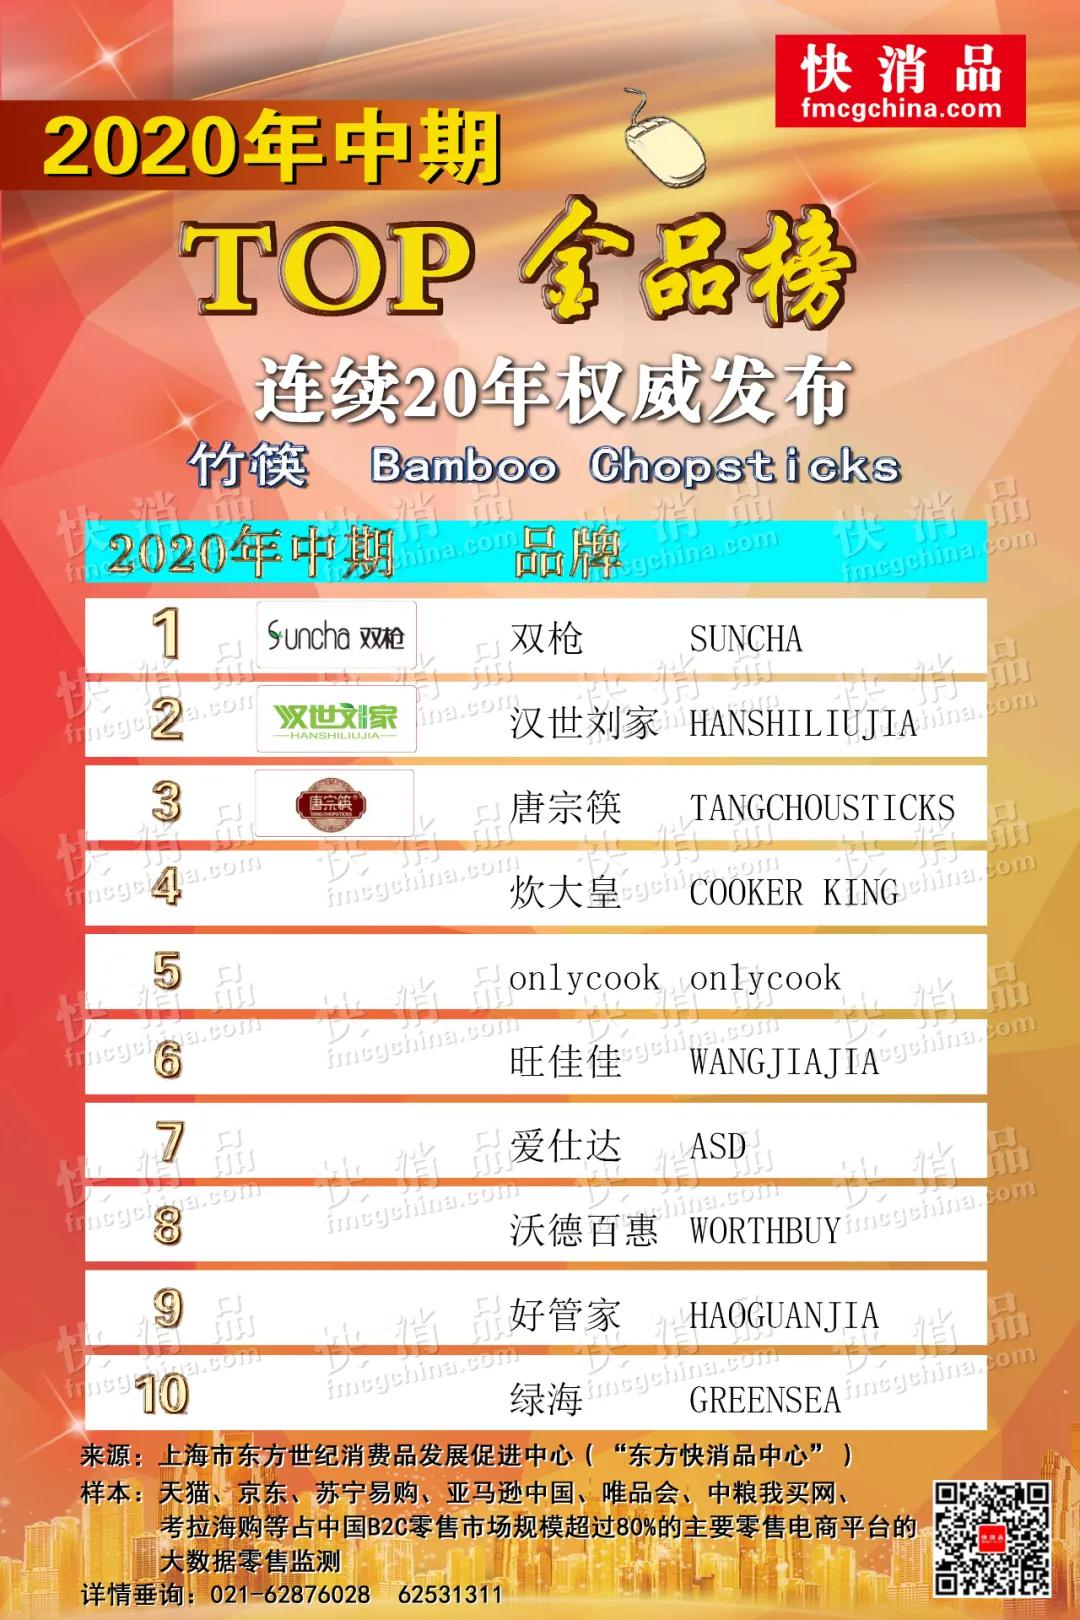 「独家」2020年中期线上砧板、竹筷TOP金品榜发布